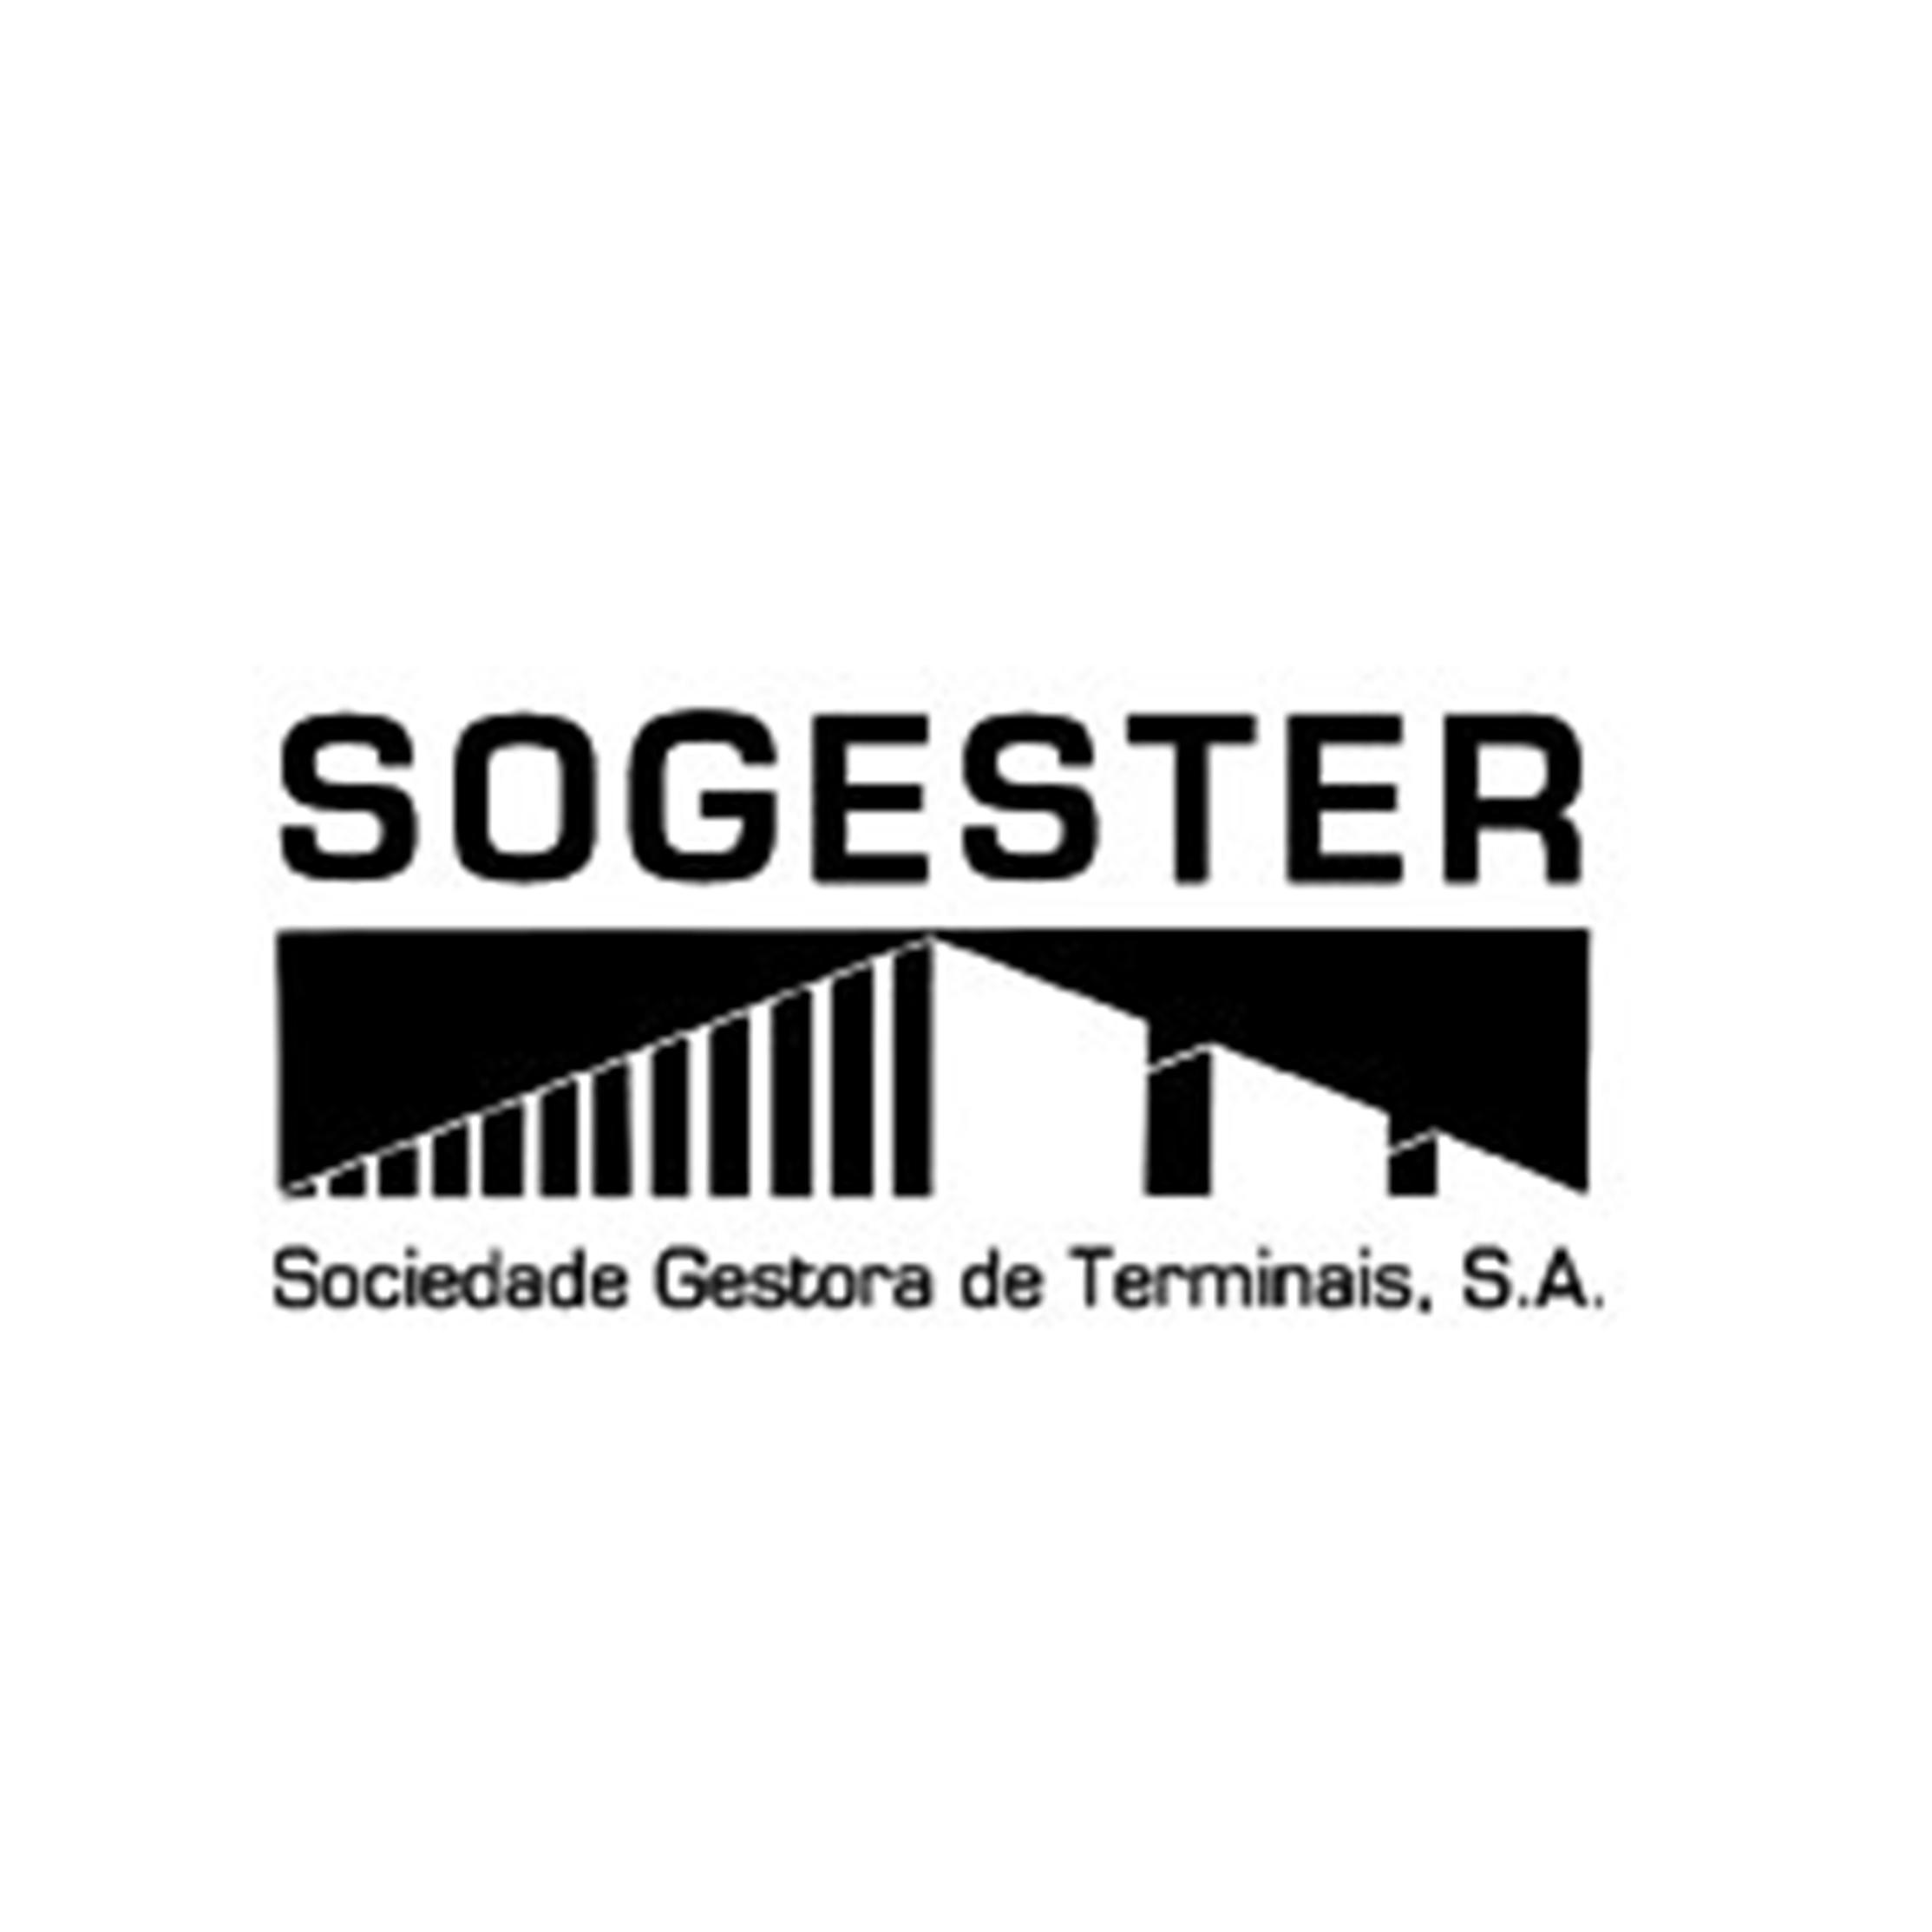 sogester_logo.jpg